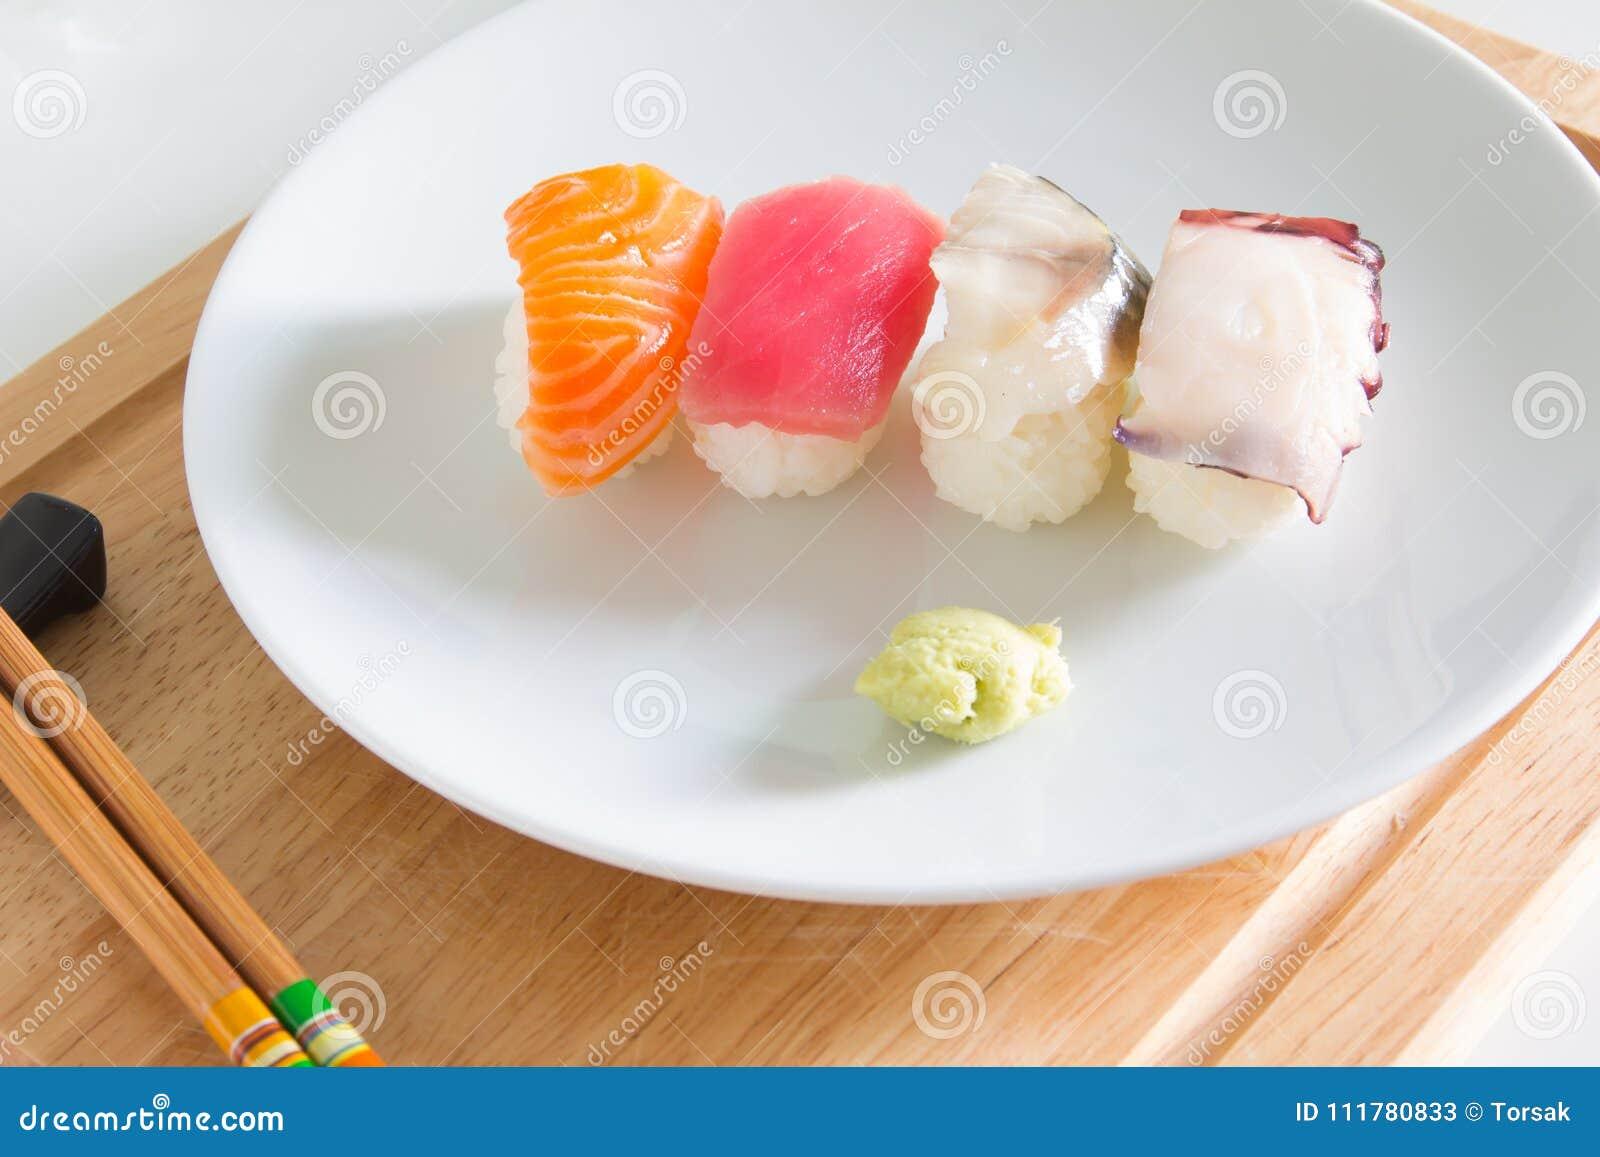 Sushi set on white plate.